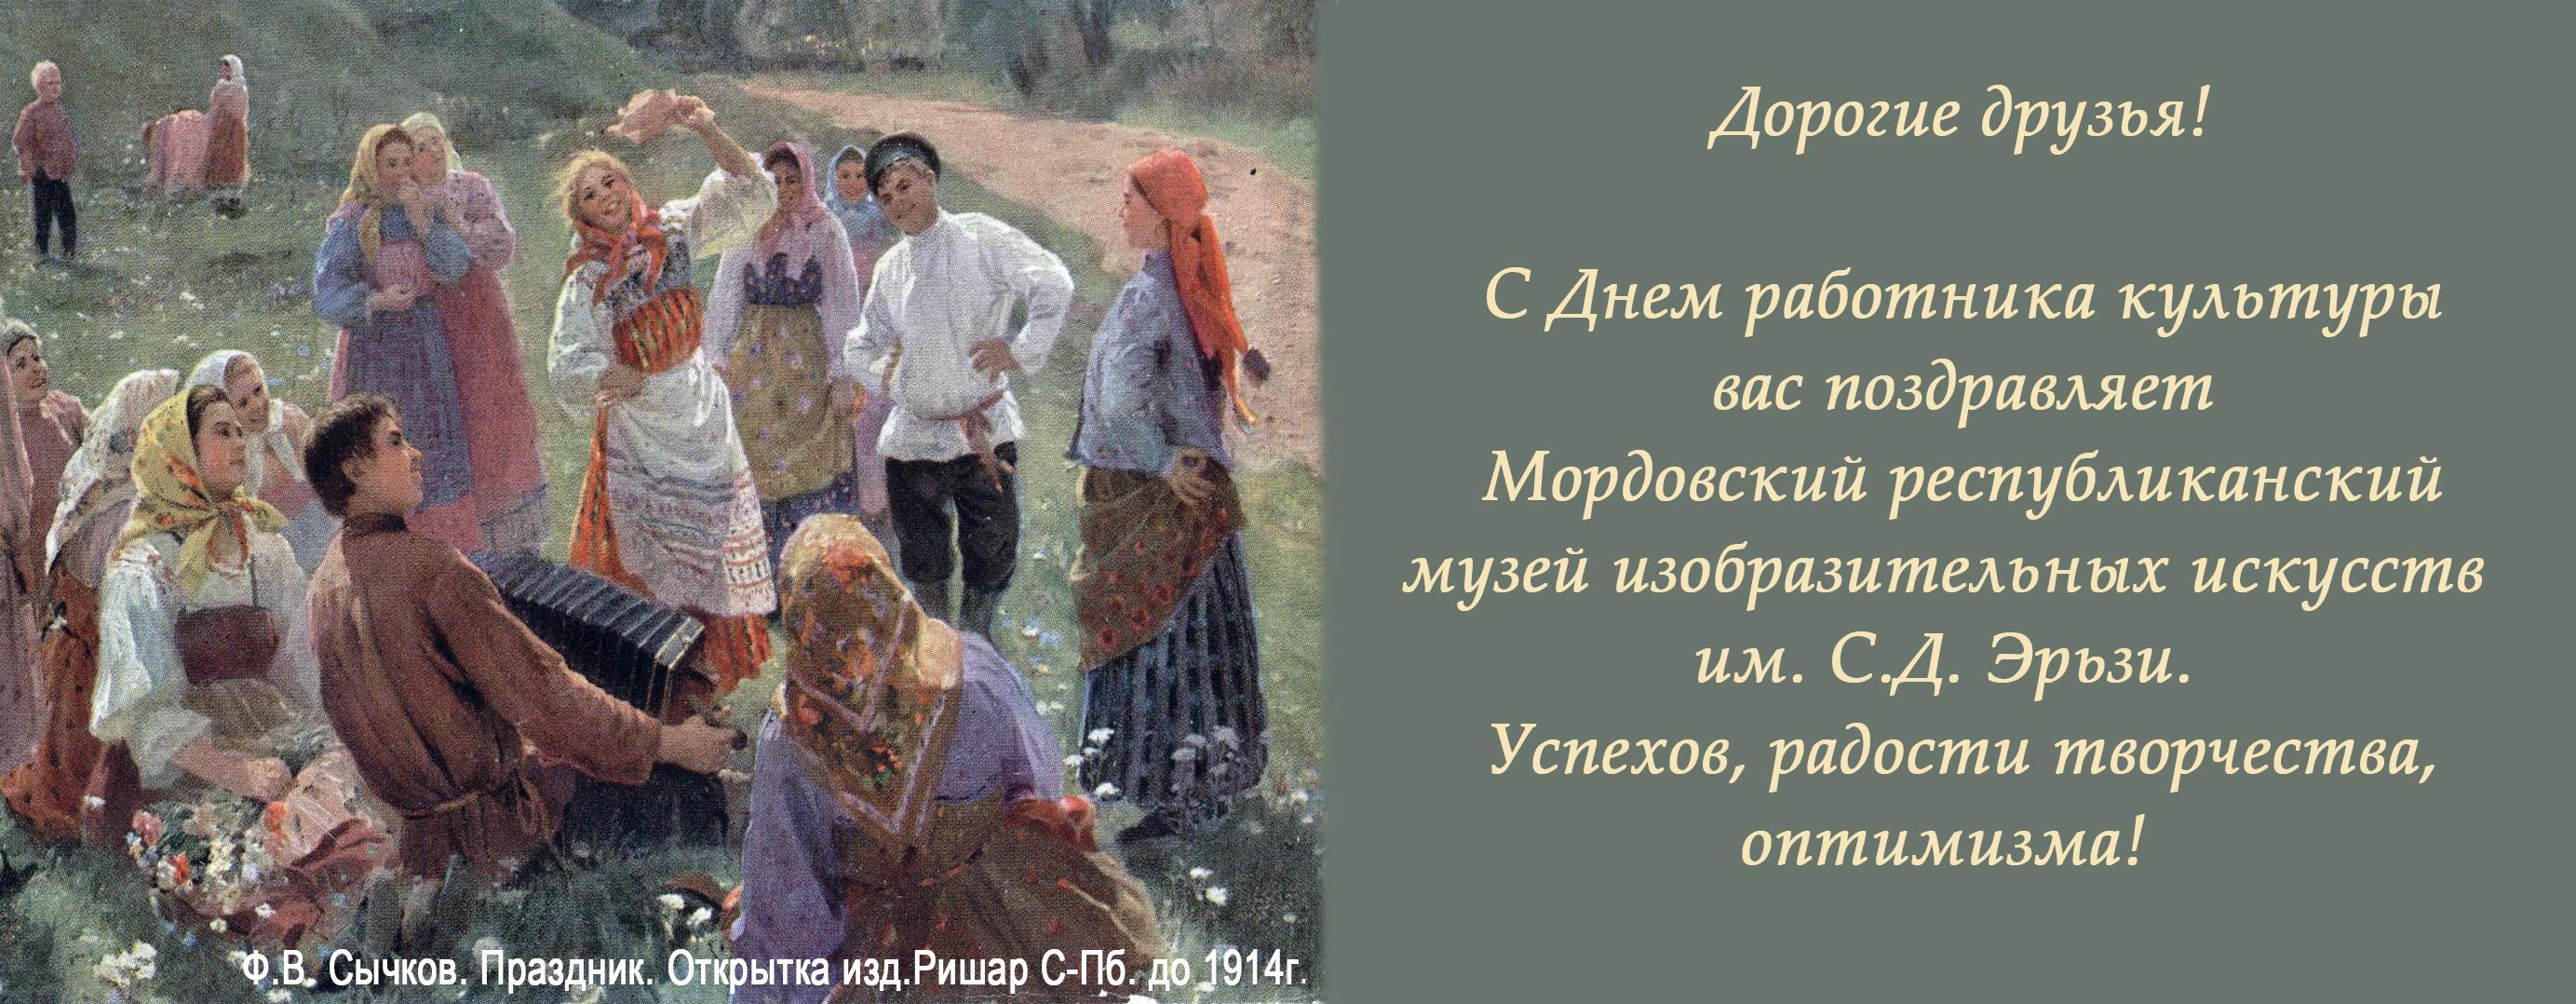 день работника культуры11